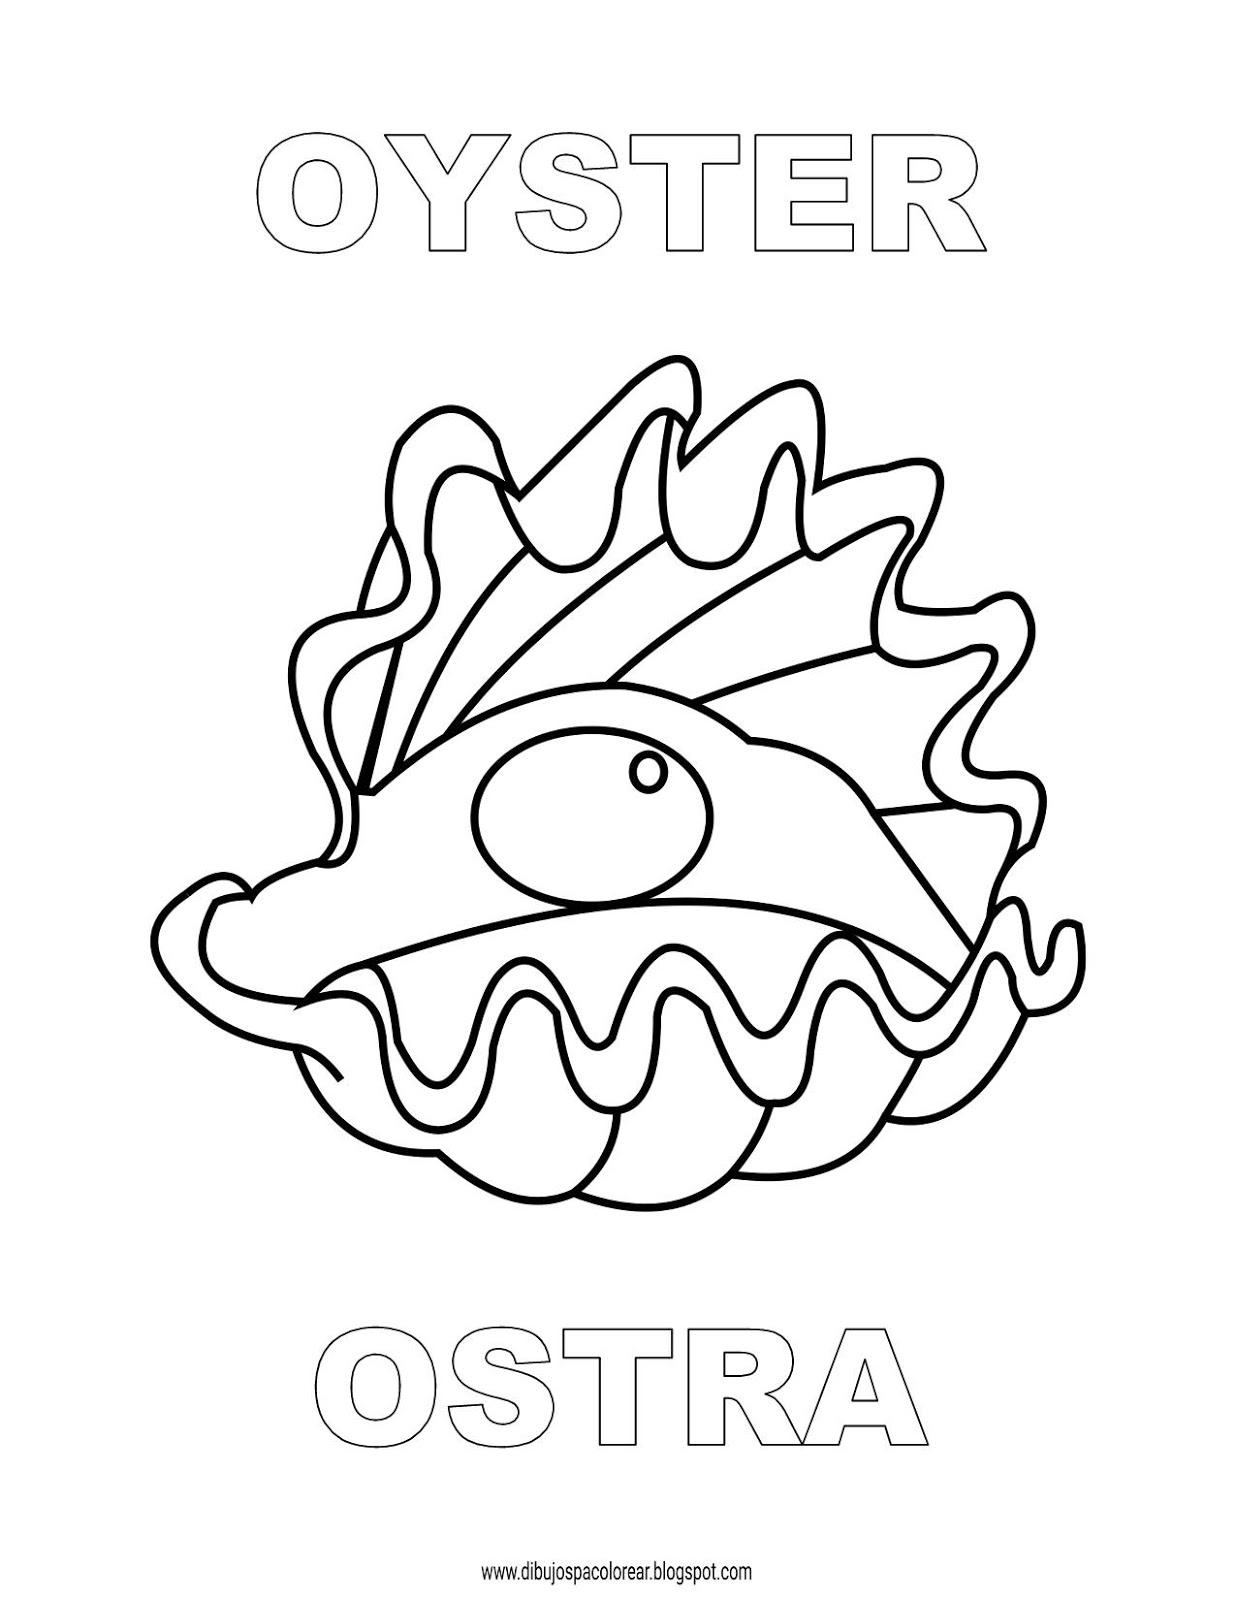 Dibujos Inglés Español Con O Ostra Oyster